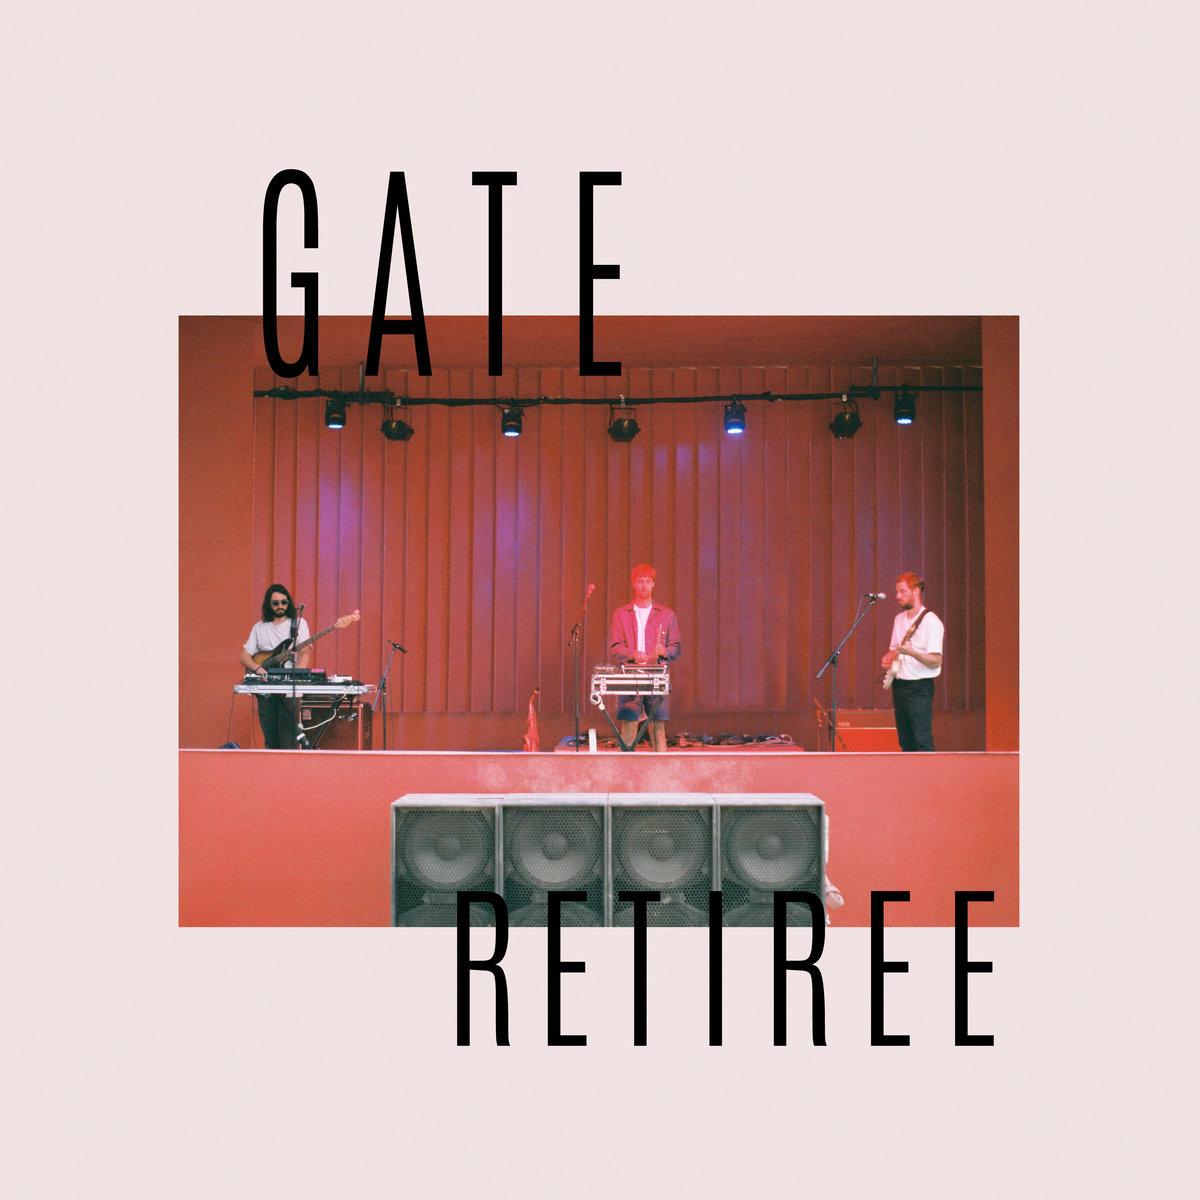 RETIREE - GATE - SingleMIXED